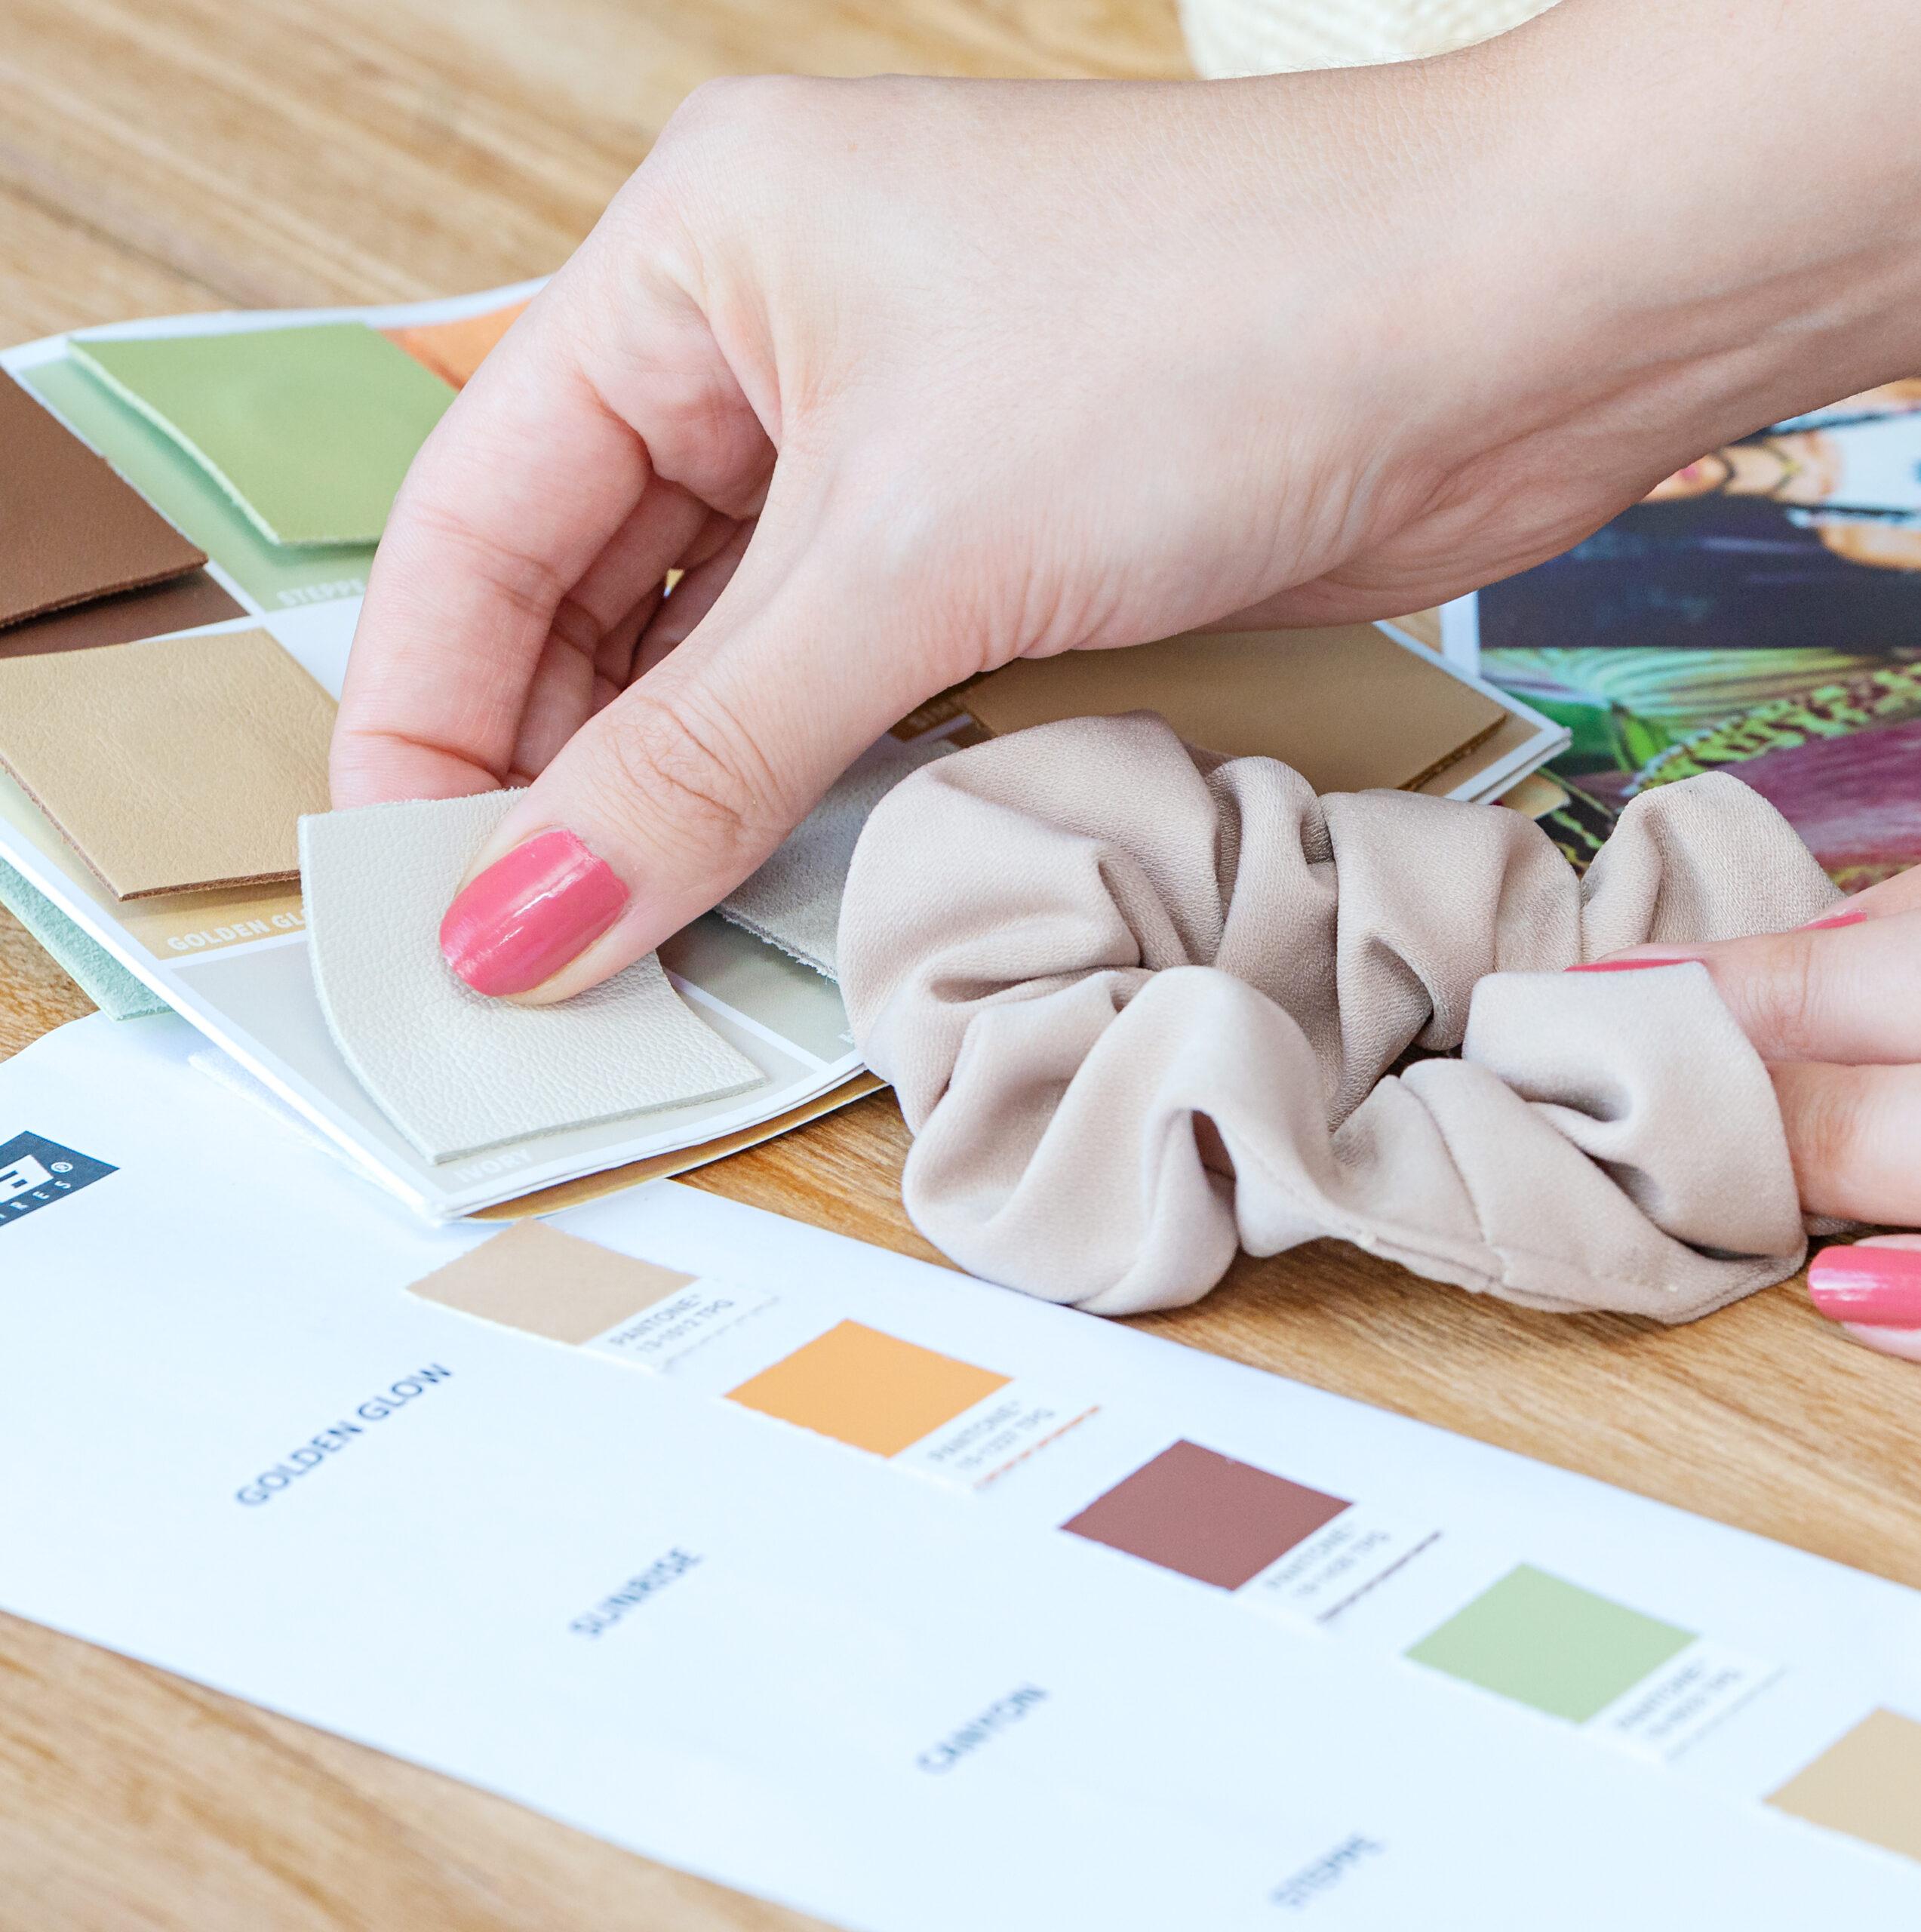 Sortimentsgestaltung einer Haarschmuck Linie von Trisa Accessoires, Abstimmung der Farben, auf Holztisch